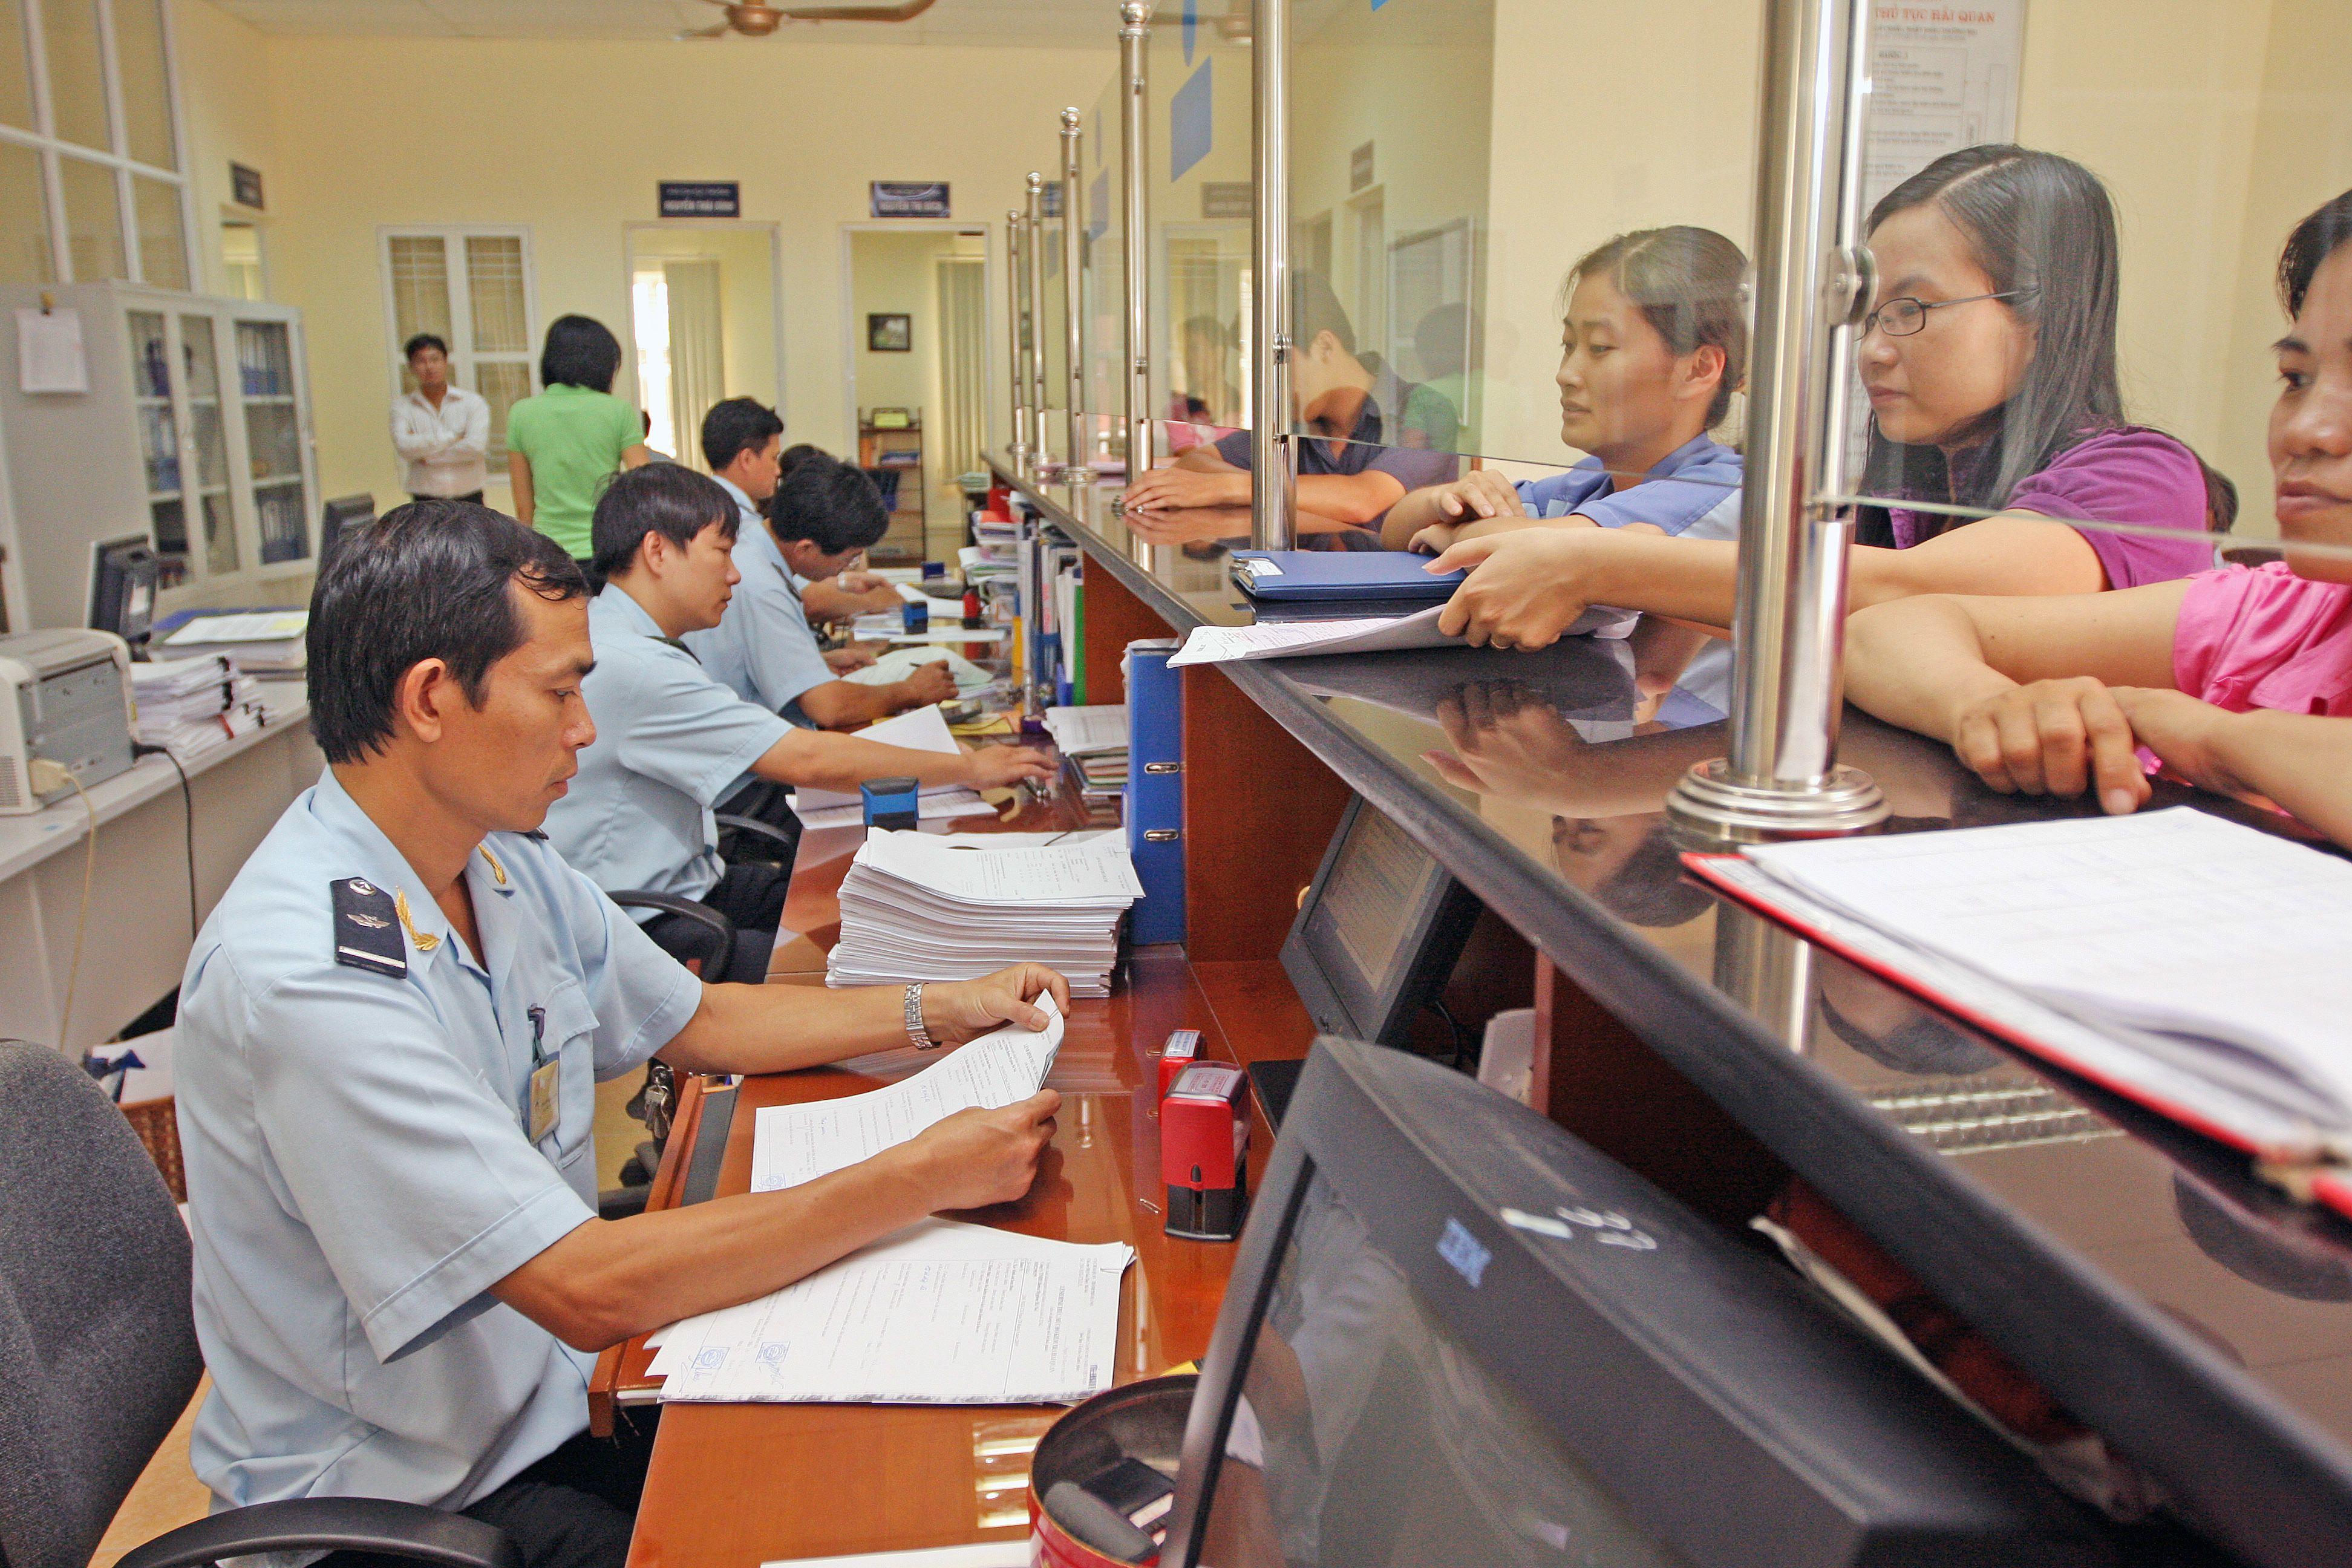 Lương cán bộ hải quan Hải Phòng đạt hơn 270 triệu đồng/người/năm